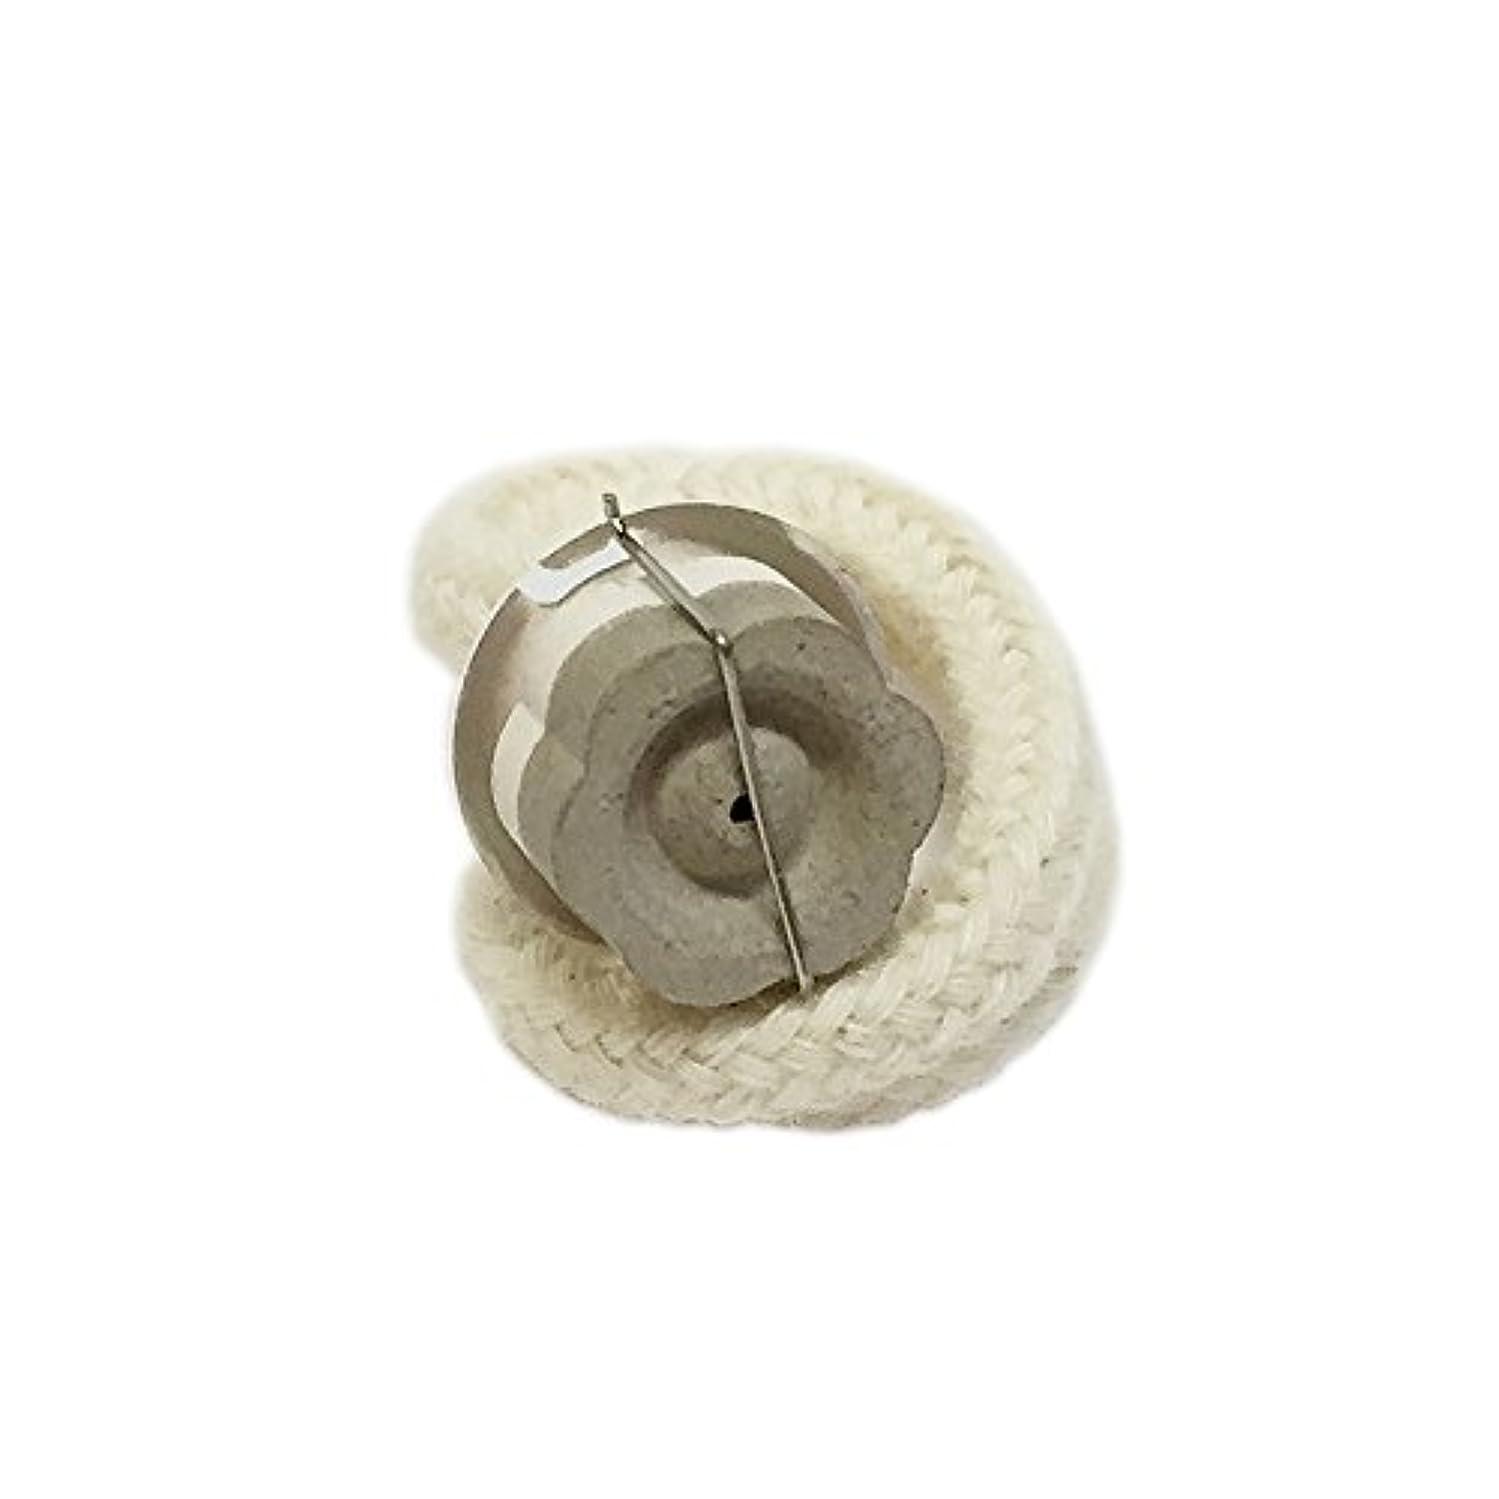 期限イタリアの気怠いミニランプ用 交換バーナー (シルバー) セラミック芯